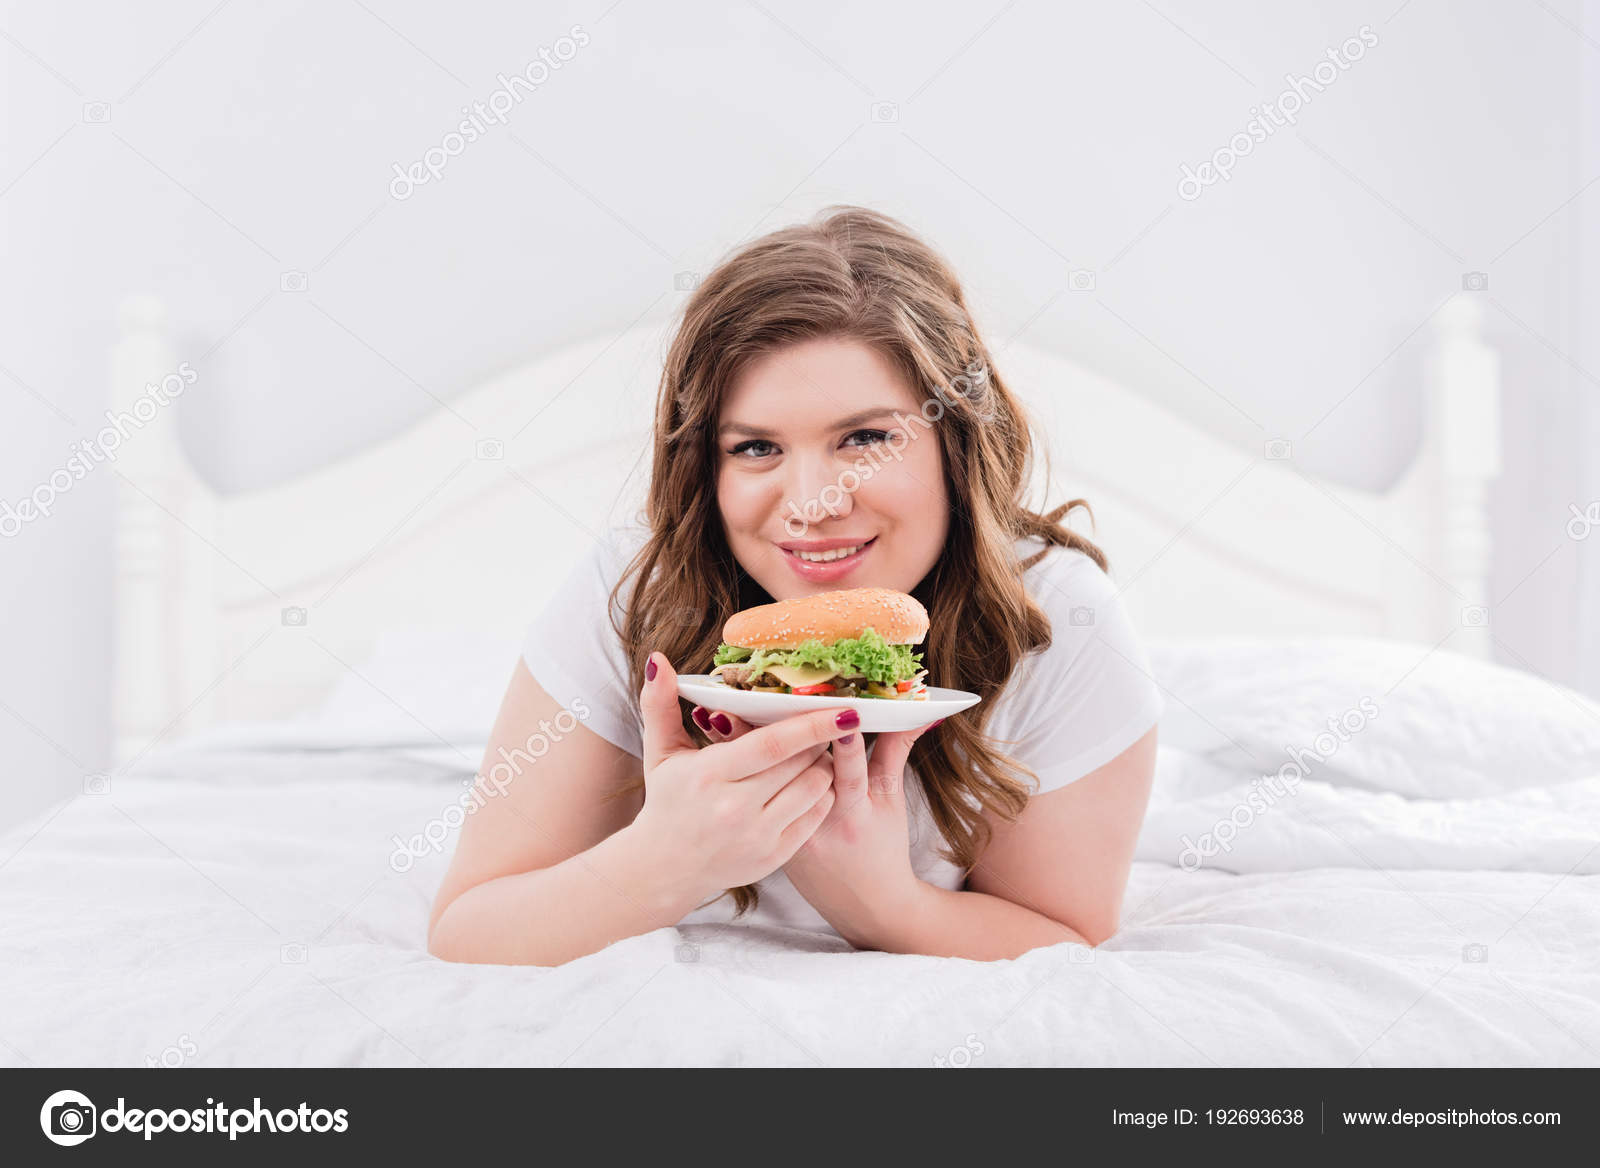 Portrat Von Ubergewicht Lachelnde Frau Pyjama Mit Burger Auf Bett